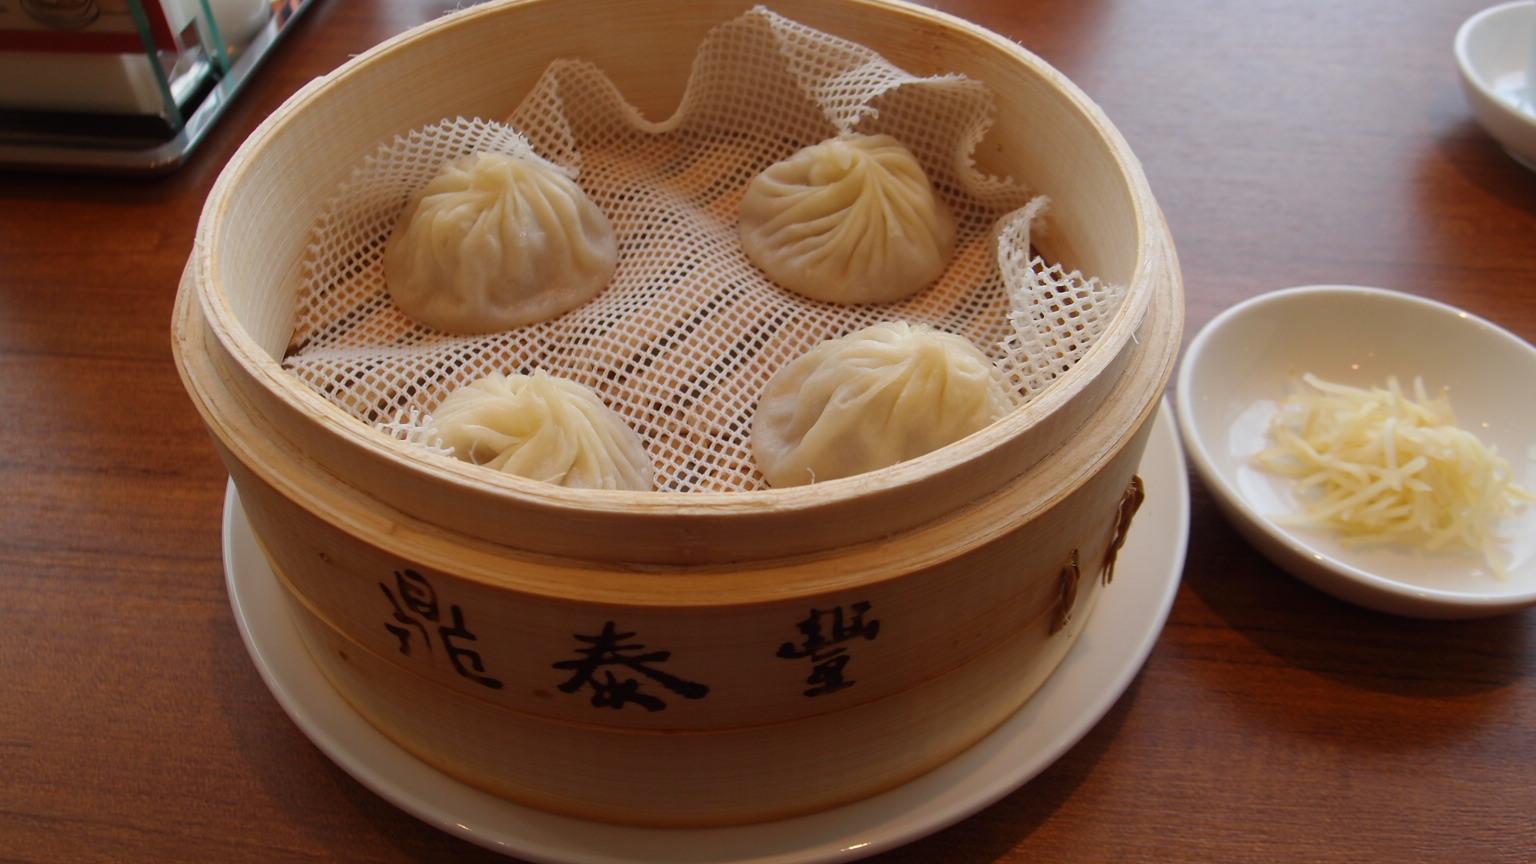 銀座 鼎泰豐(ディンタイフォン) 海老麺セット